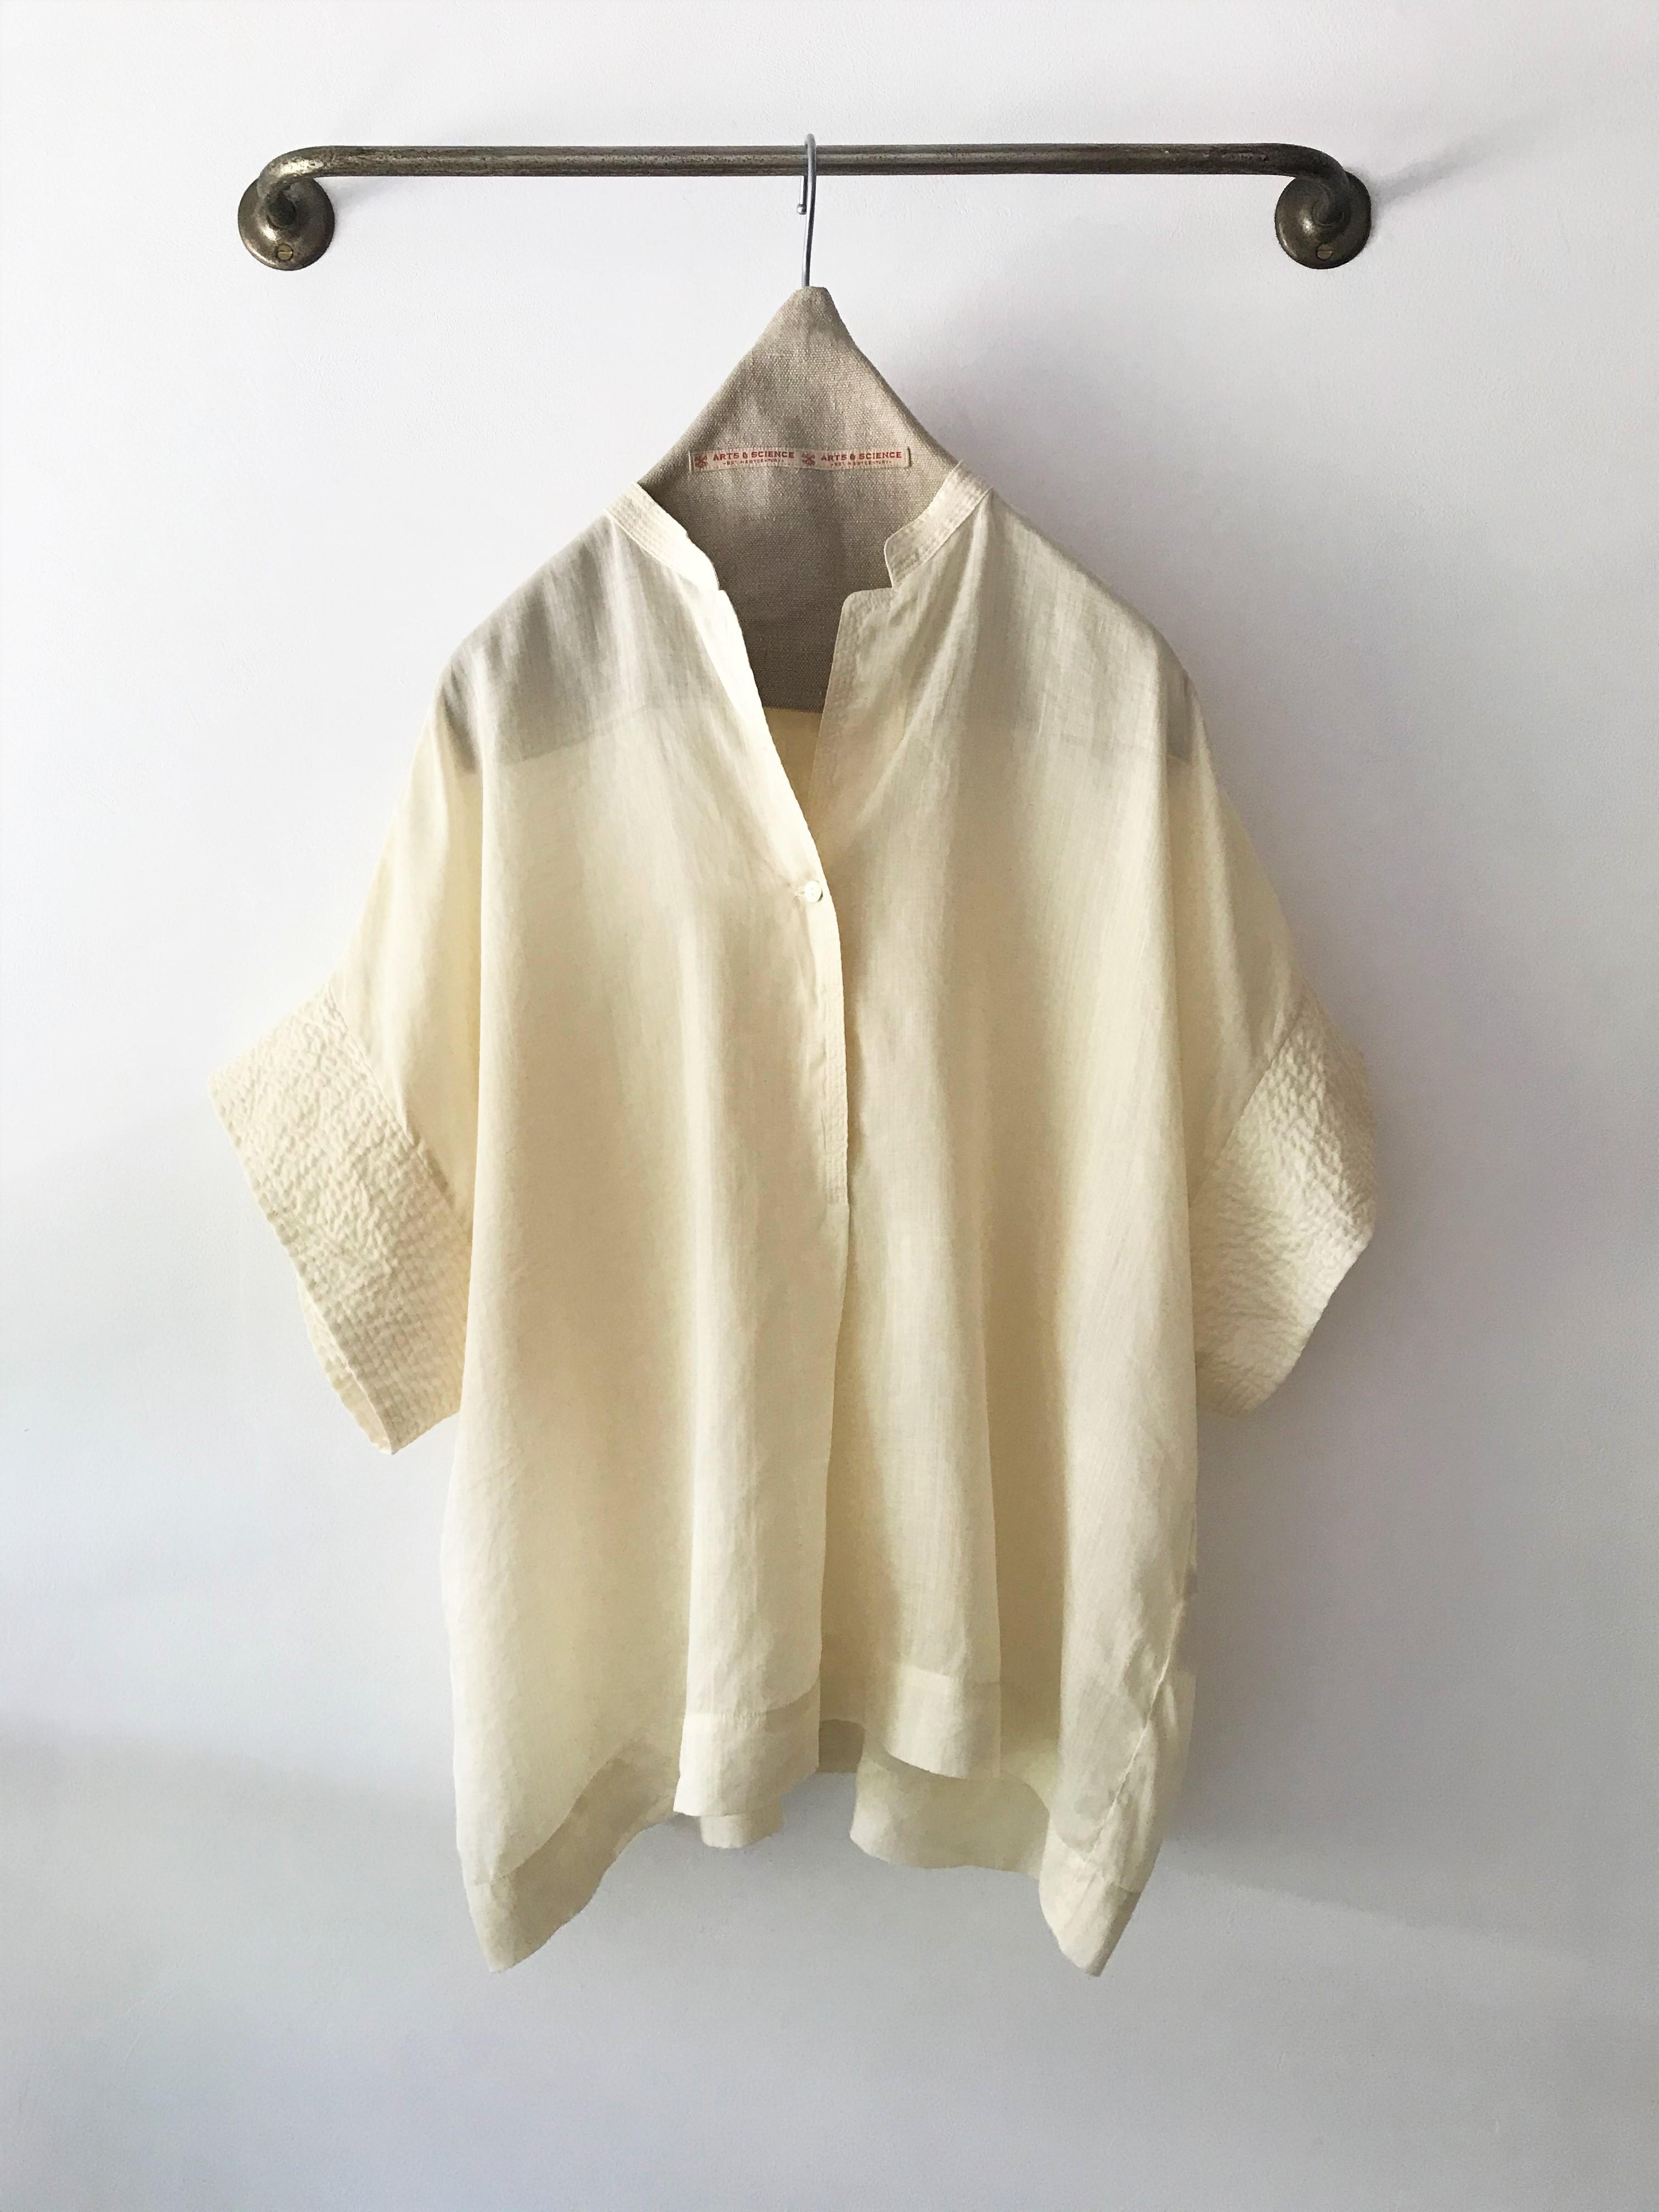 包税包邮日本代购arts&science21夏季上质亚麻清爽轻薄短袖衬衫女